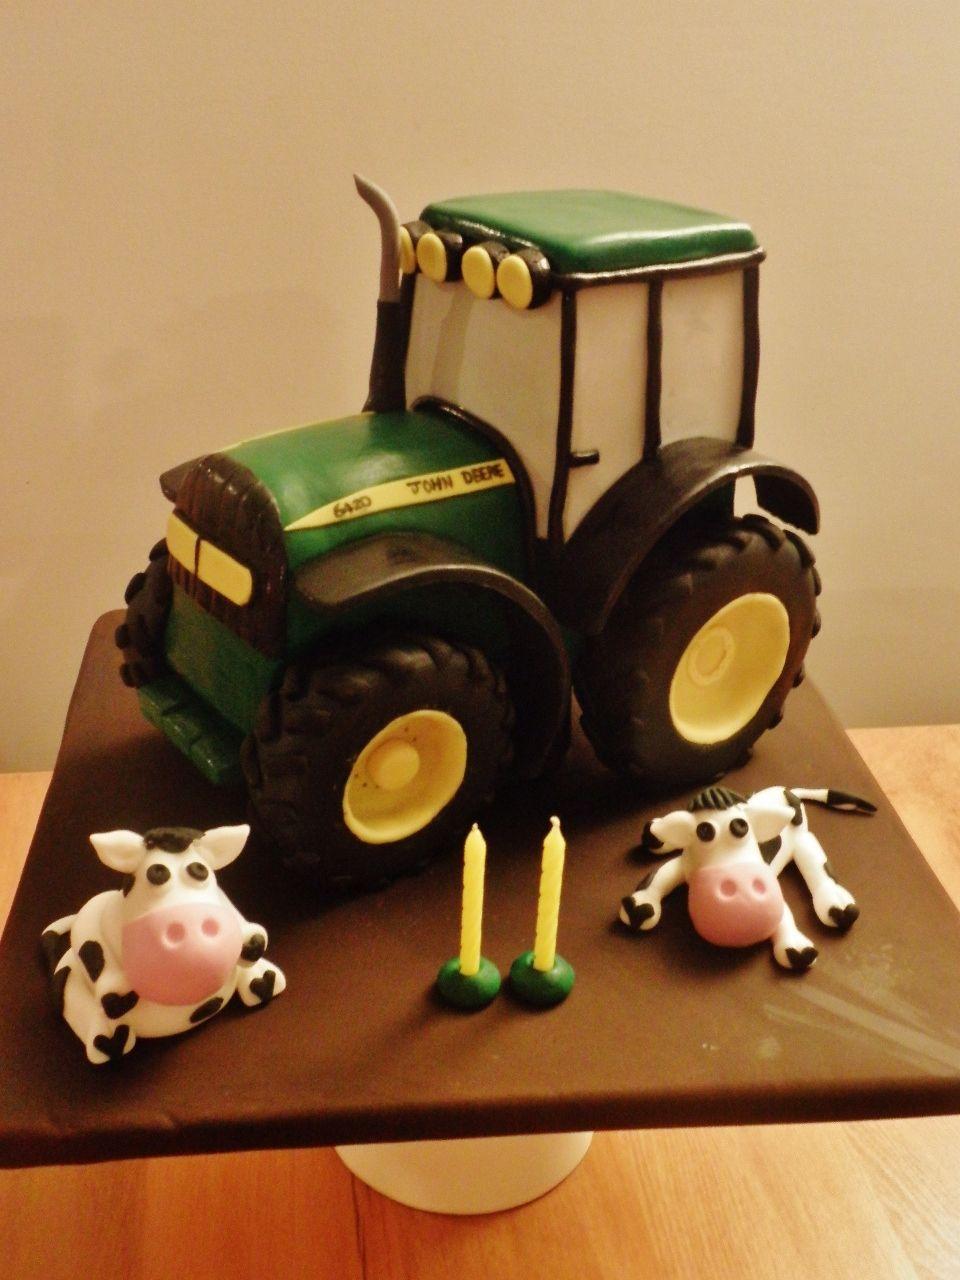 1a7b4a545f2dd0686f8bc56a48d402a0 Jpg 960 1 280 Pixels Traktor Geburtstagskuchen Traktor Kuchen Geburtstagskuchen Fur Jungen